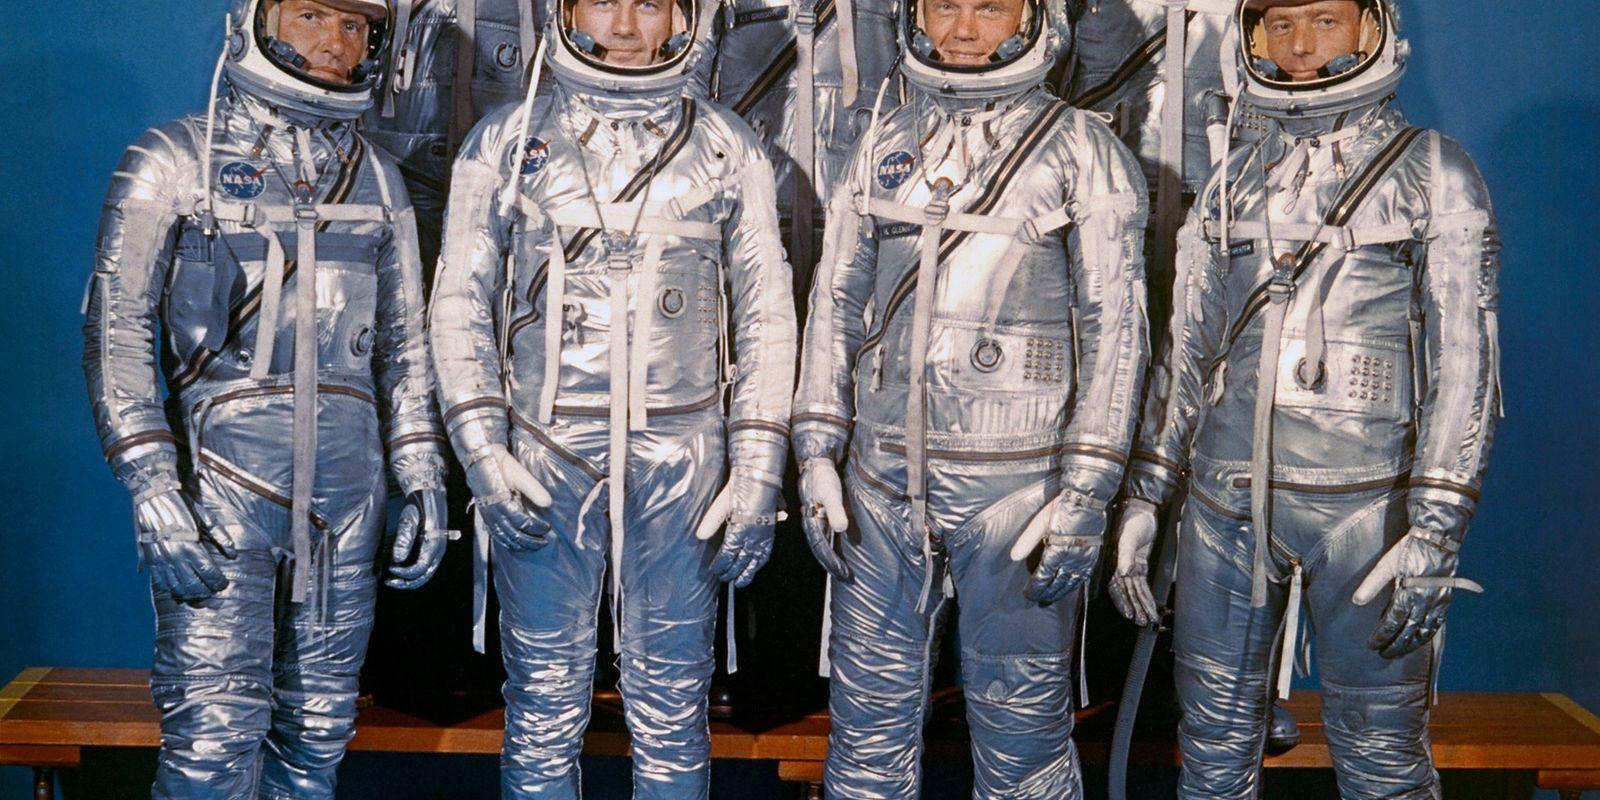 ¿Cómo han cambiado los requisitos para ser astronauta desde los primeros programas espaciales?